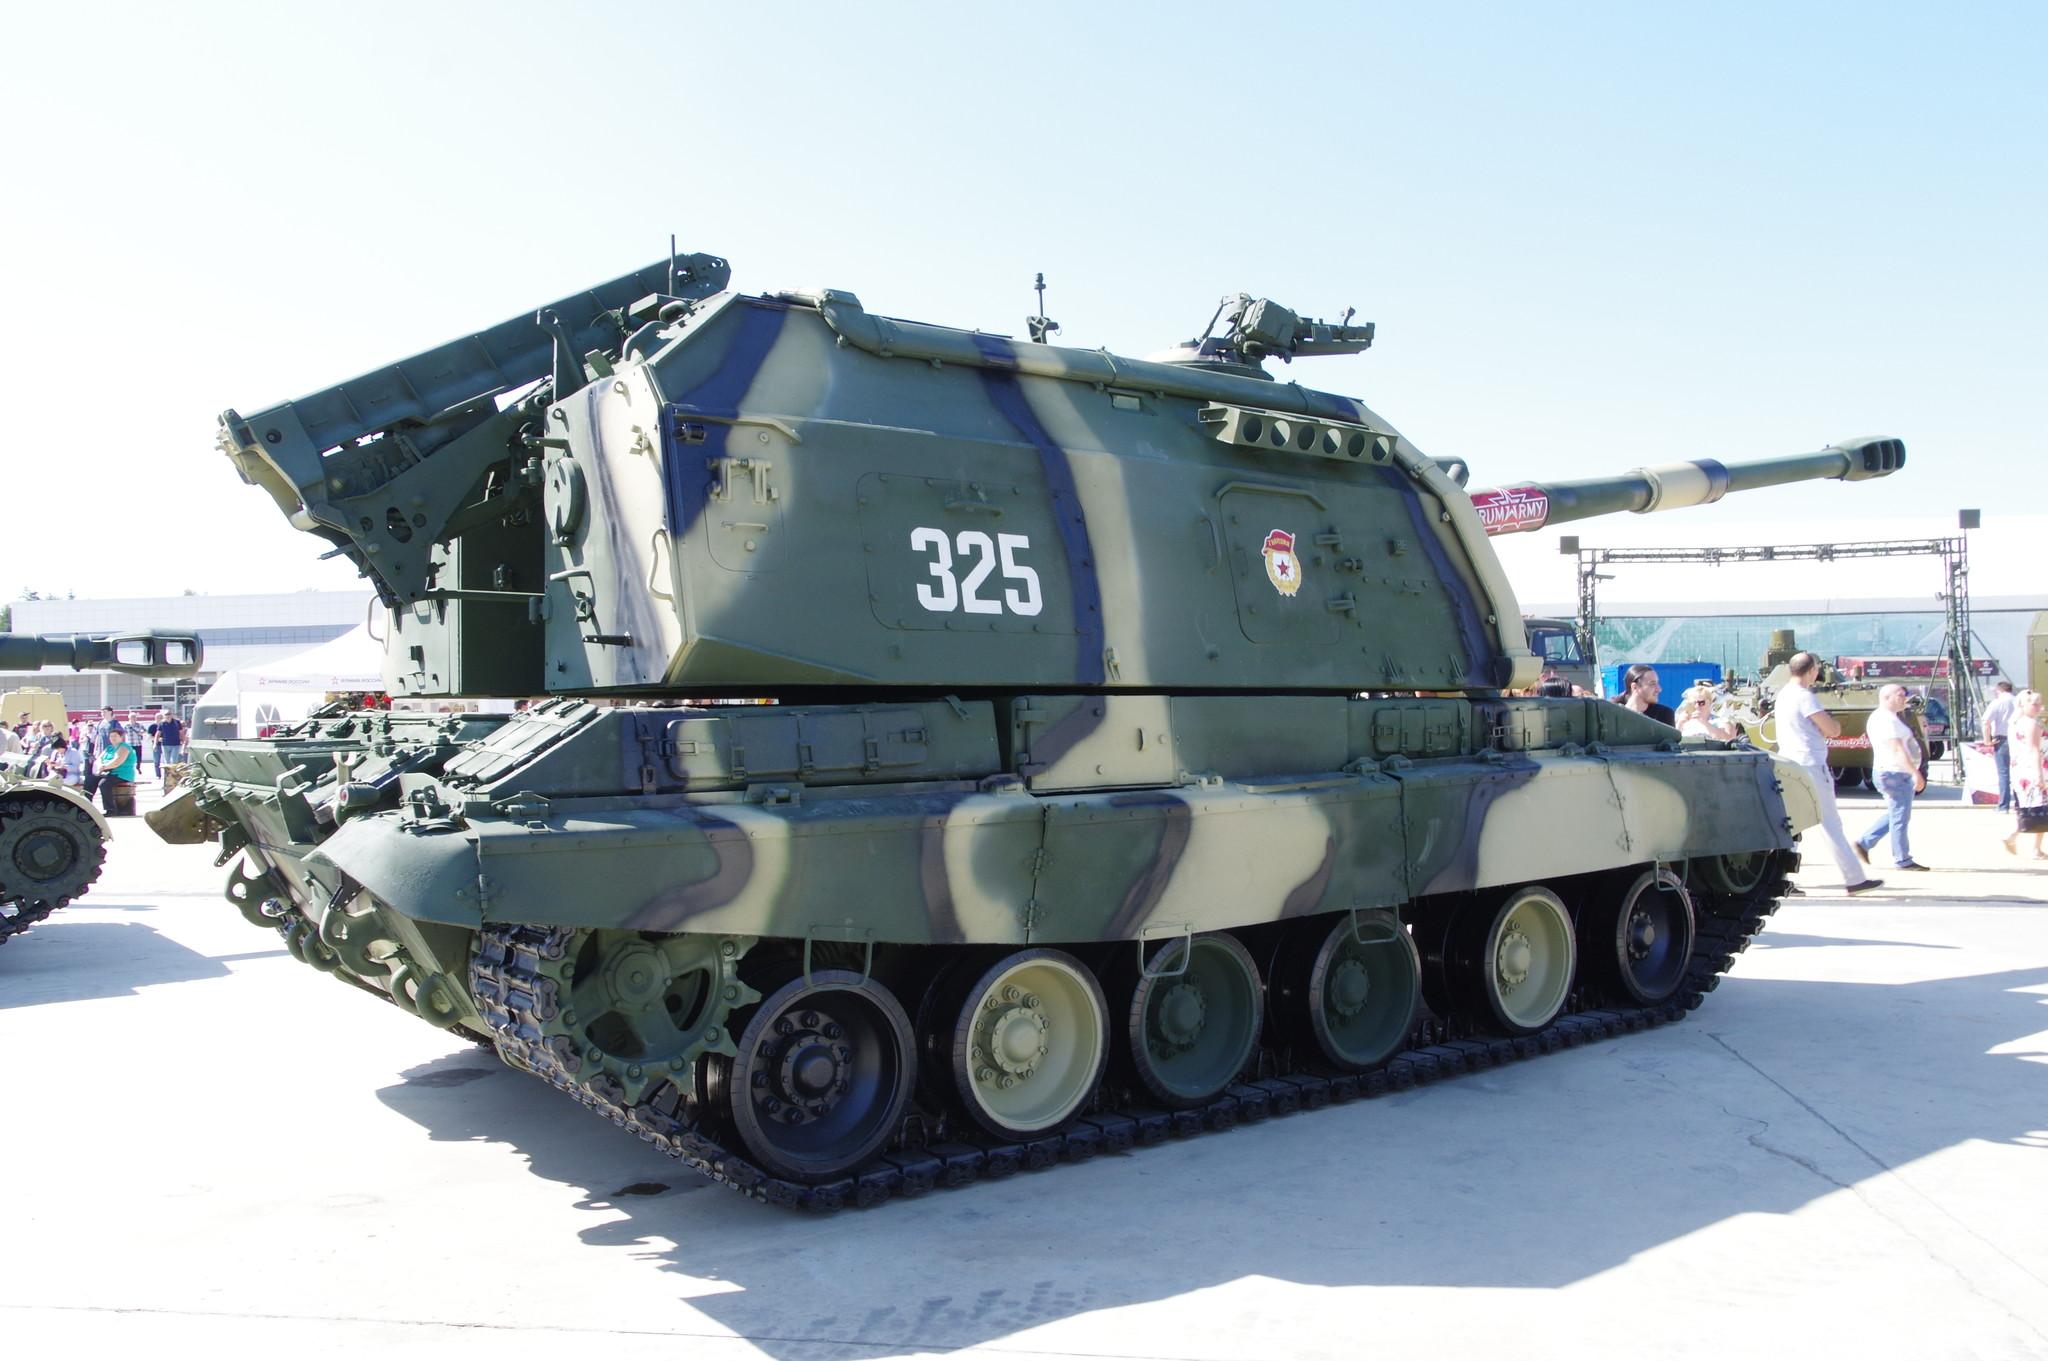 152-мм самоходная дивизионная гаубица 2С19 «Мста-С»